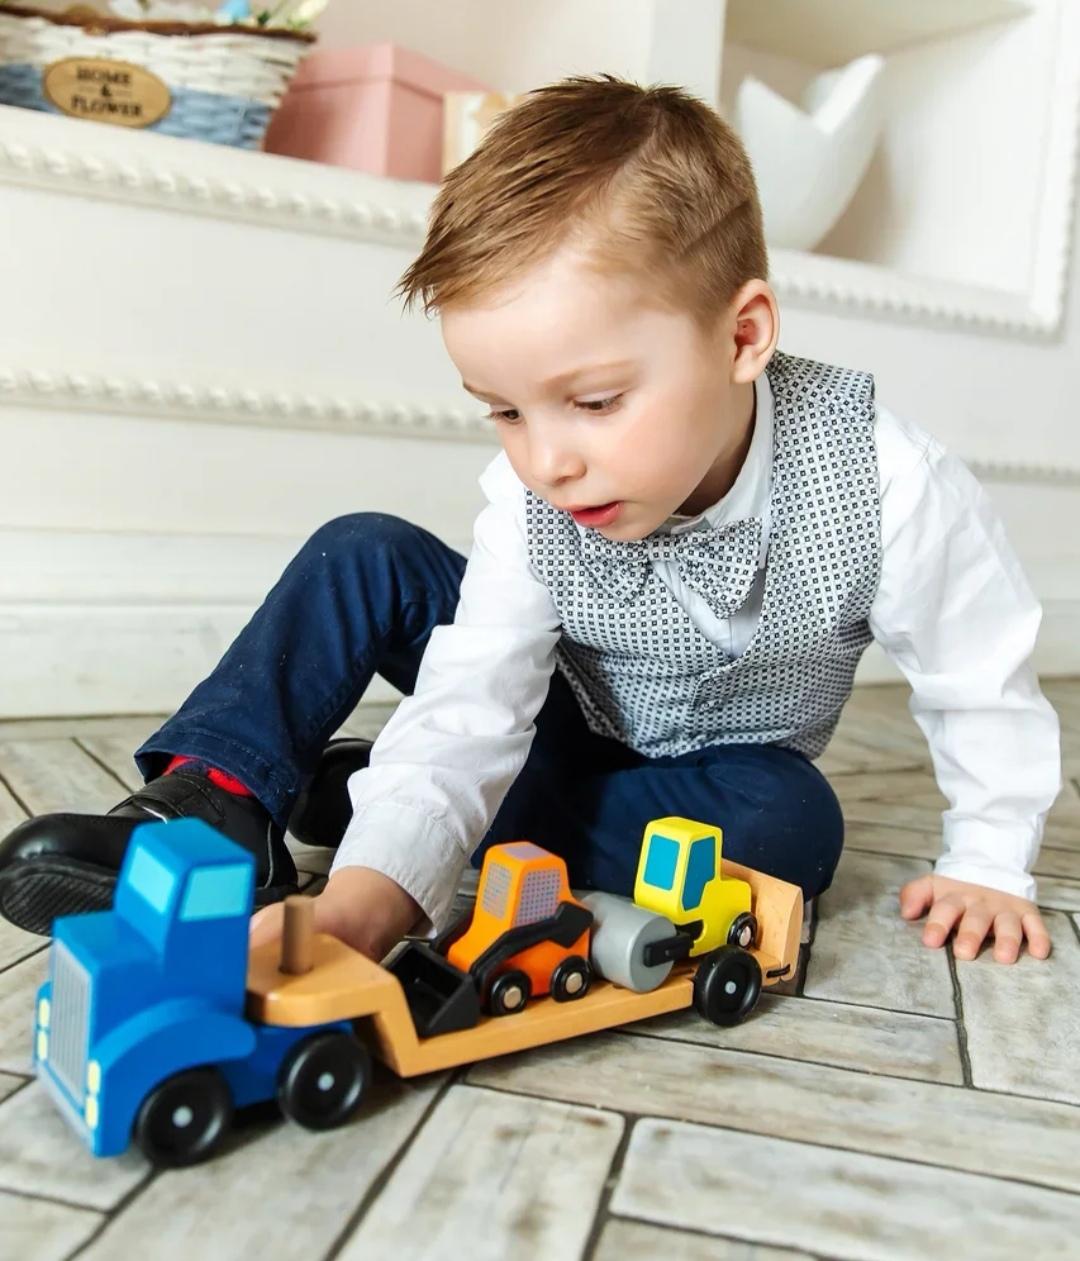 """Машинка BeeZee Toys Набор деревянных игрушечных машинок """"Погрузчик автовоз"""", в наборе погрузчик, экскаватор, трактор Melissa and Doug, транспорт детский"""